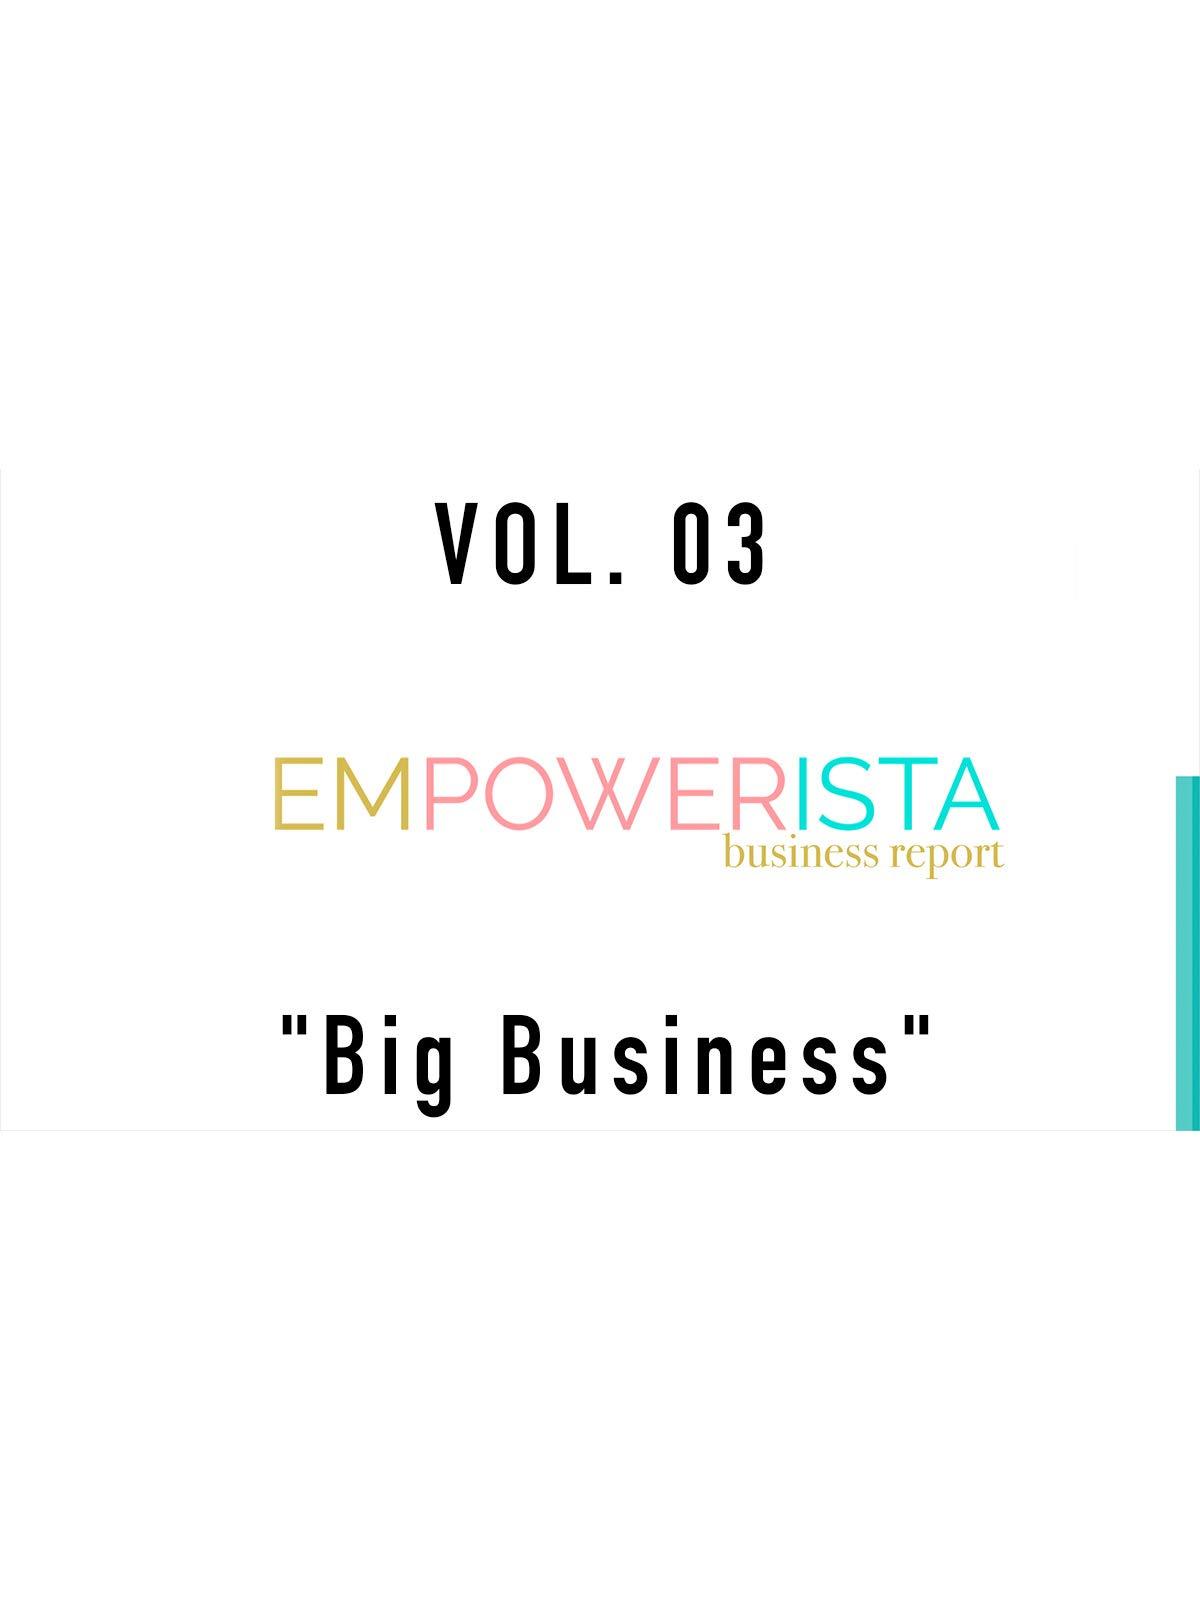 Empowerista Vol. 03